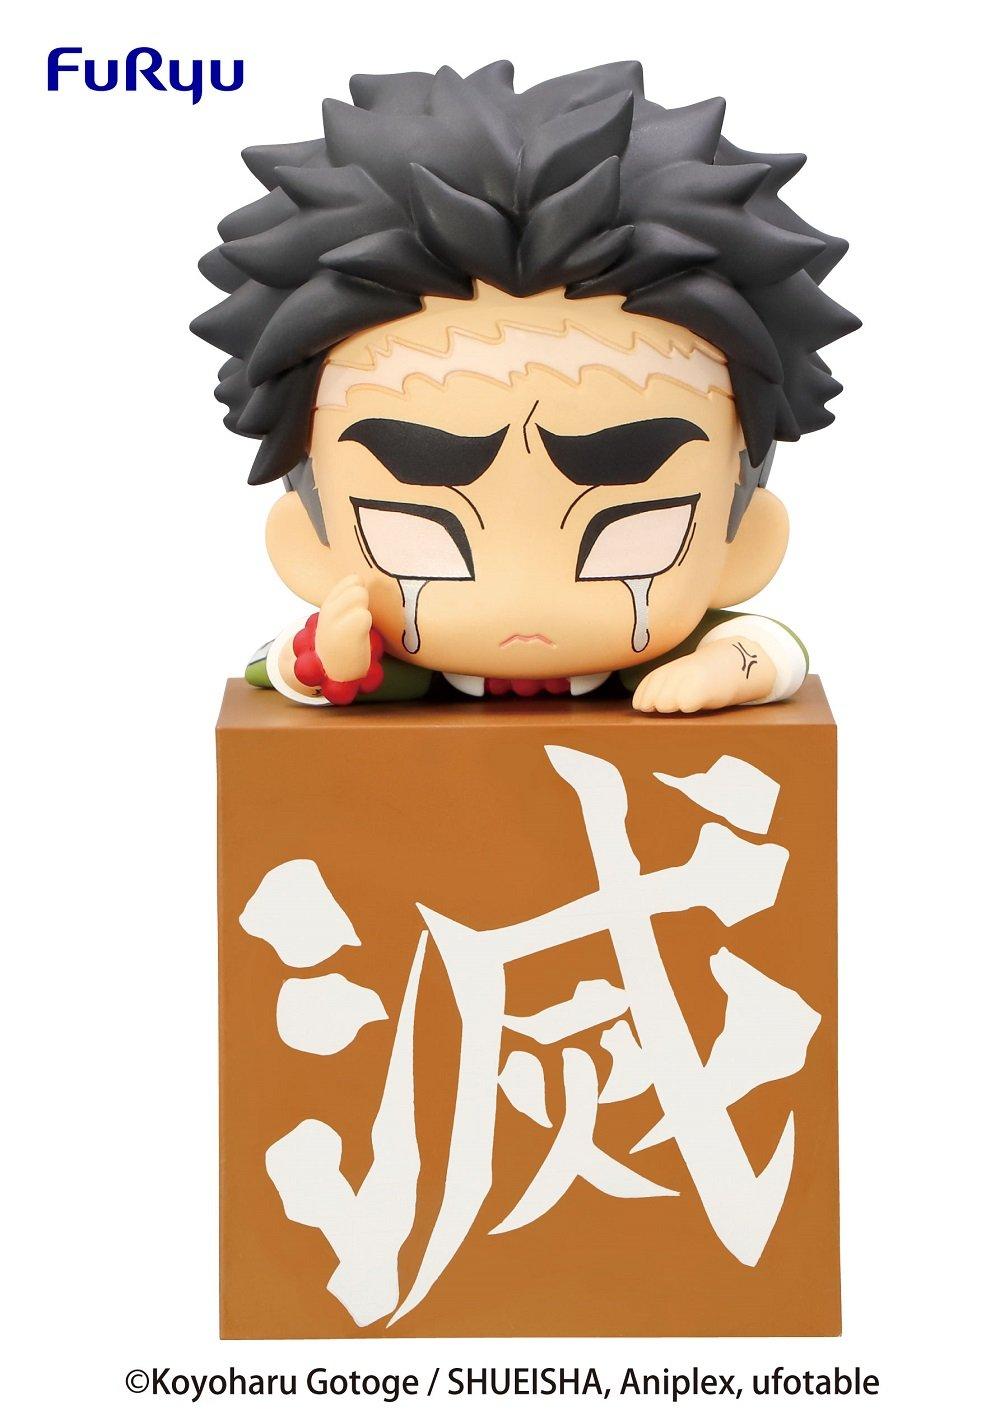 Himejima Gyomei Hikkake Figure, Demon Slayer, Kimetsu no Yaiba, Furyu